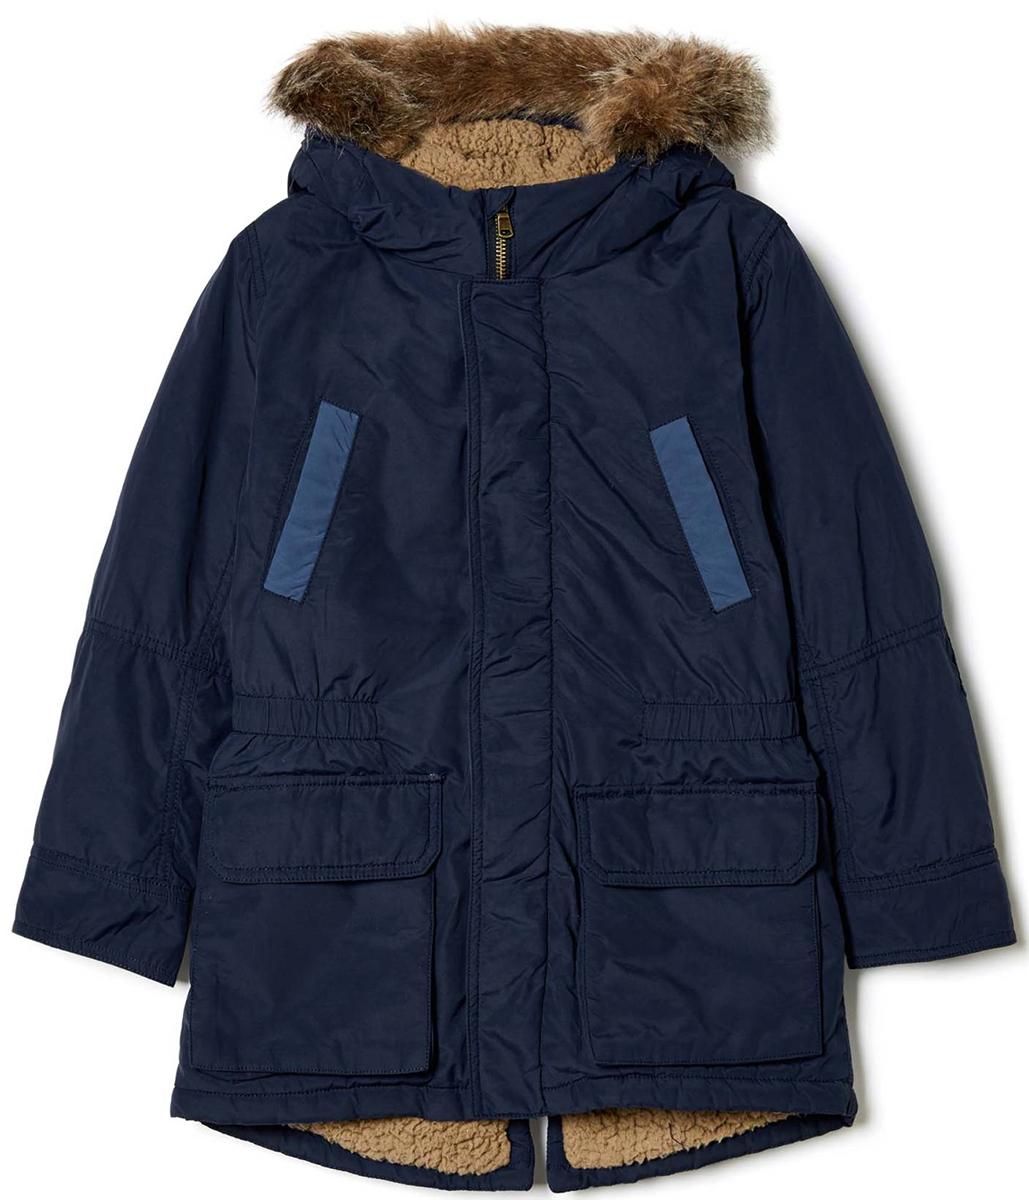 Куртка для мальчика United Colors of Benetton, цвет: синий. 2EO253B90_13C. Размер 1702EO253B90_13CКуртка для мальчика United Colors of Benetton выполнена из нейлона и хлопка. Модель с капюшоном и длинными рукавами застегивается на комбинированную застежку.